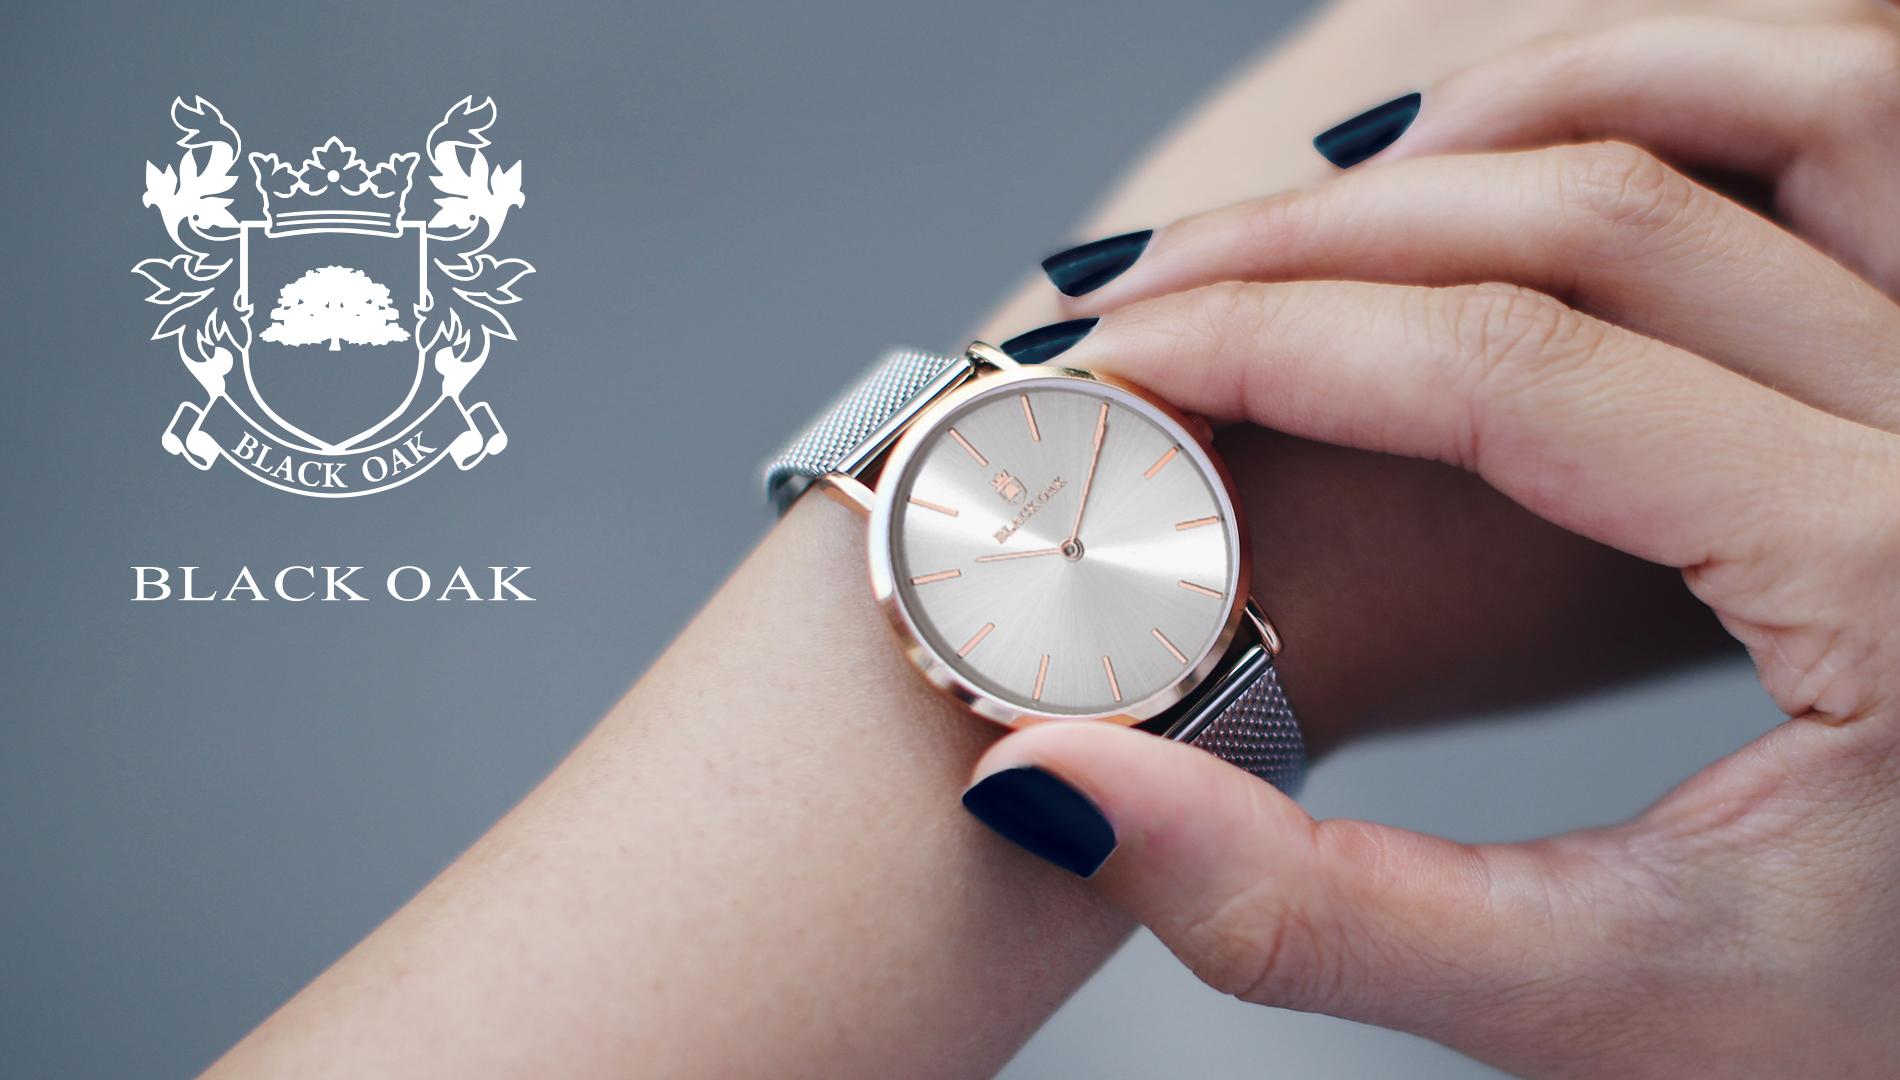 Une montre intemporelle - Lorsque Black Oak a été conceptualisé pour la première fois, nous voulions que la montre soit exactement comme son nom l'indique;fort, beau et simple. Le style minimalist de la montre Black Oakest pour tous les goûts.